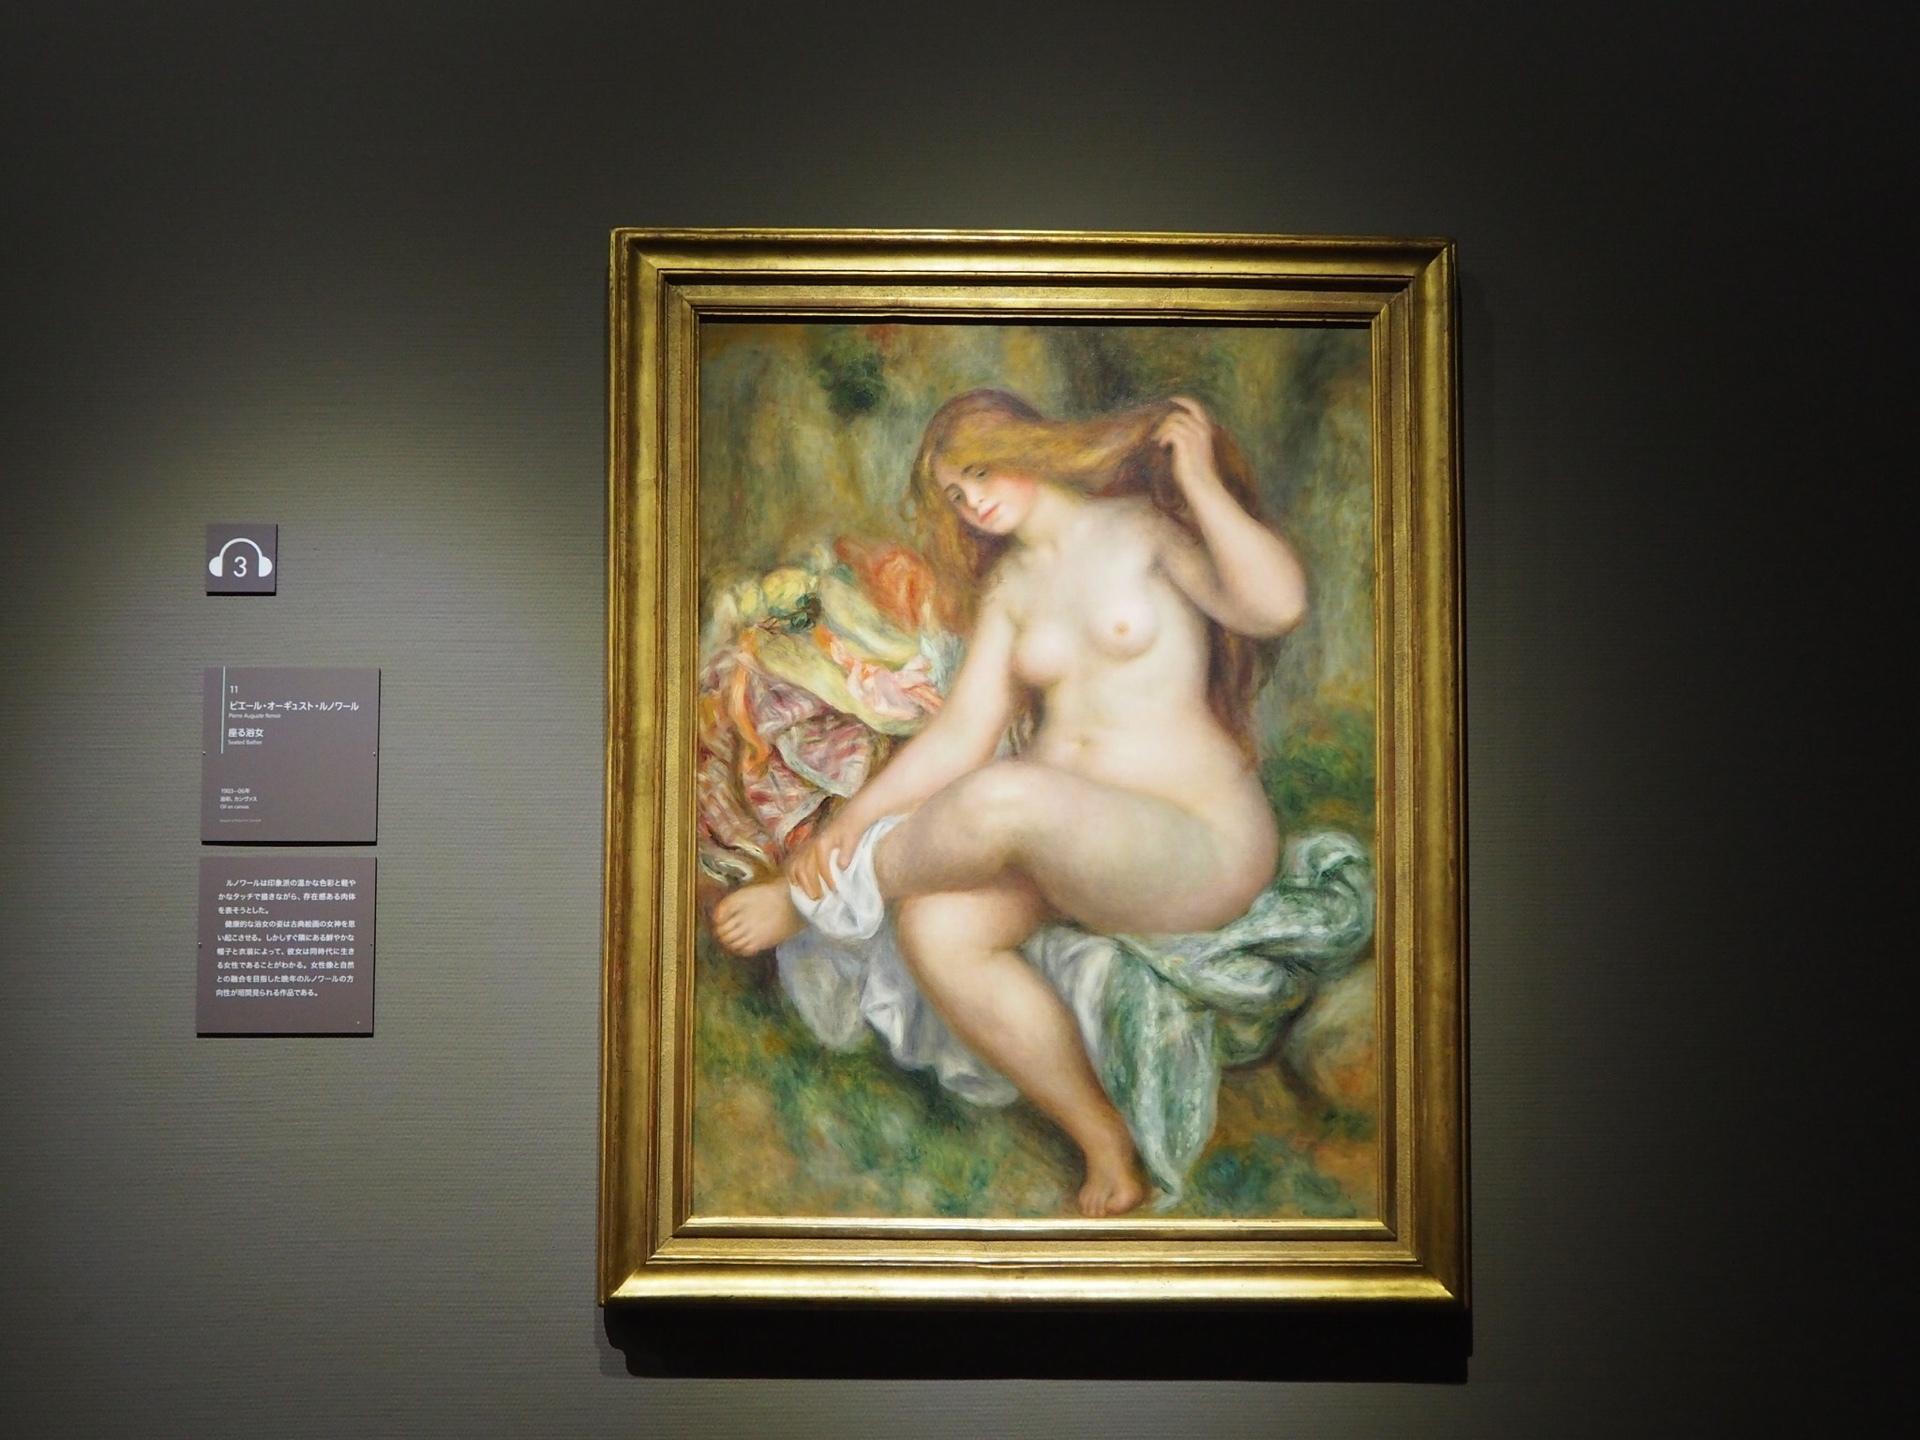 ピエール・オーギュスト・ルノワール《座る浴女》1903年〜1906年